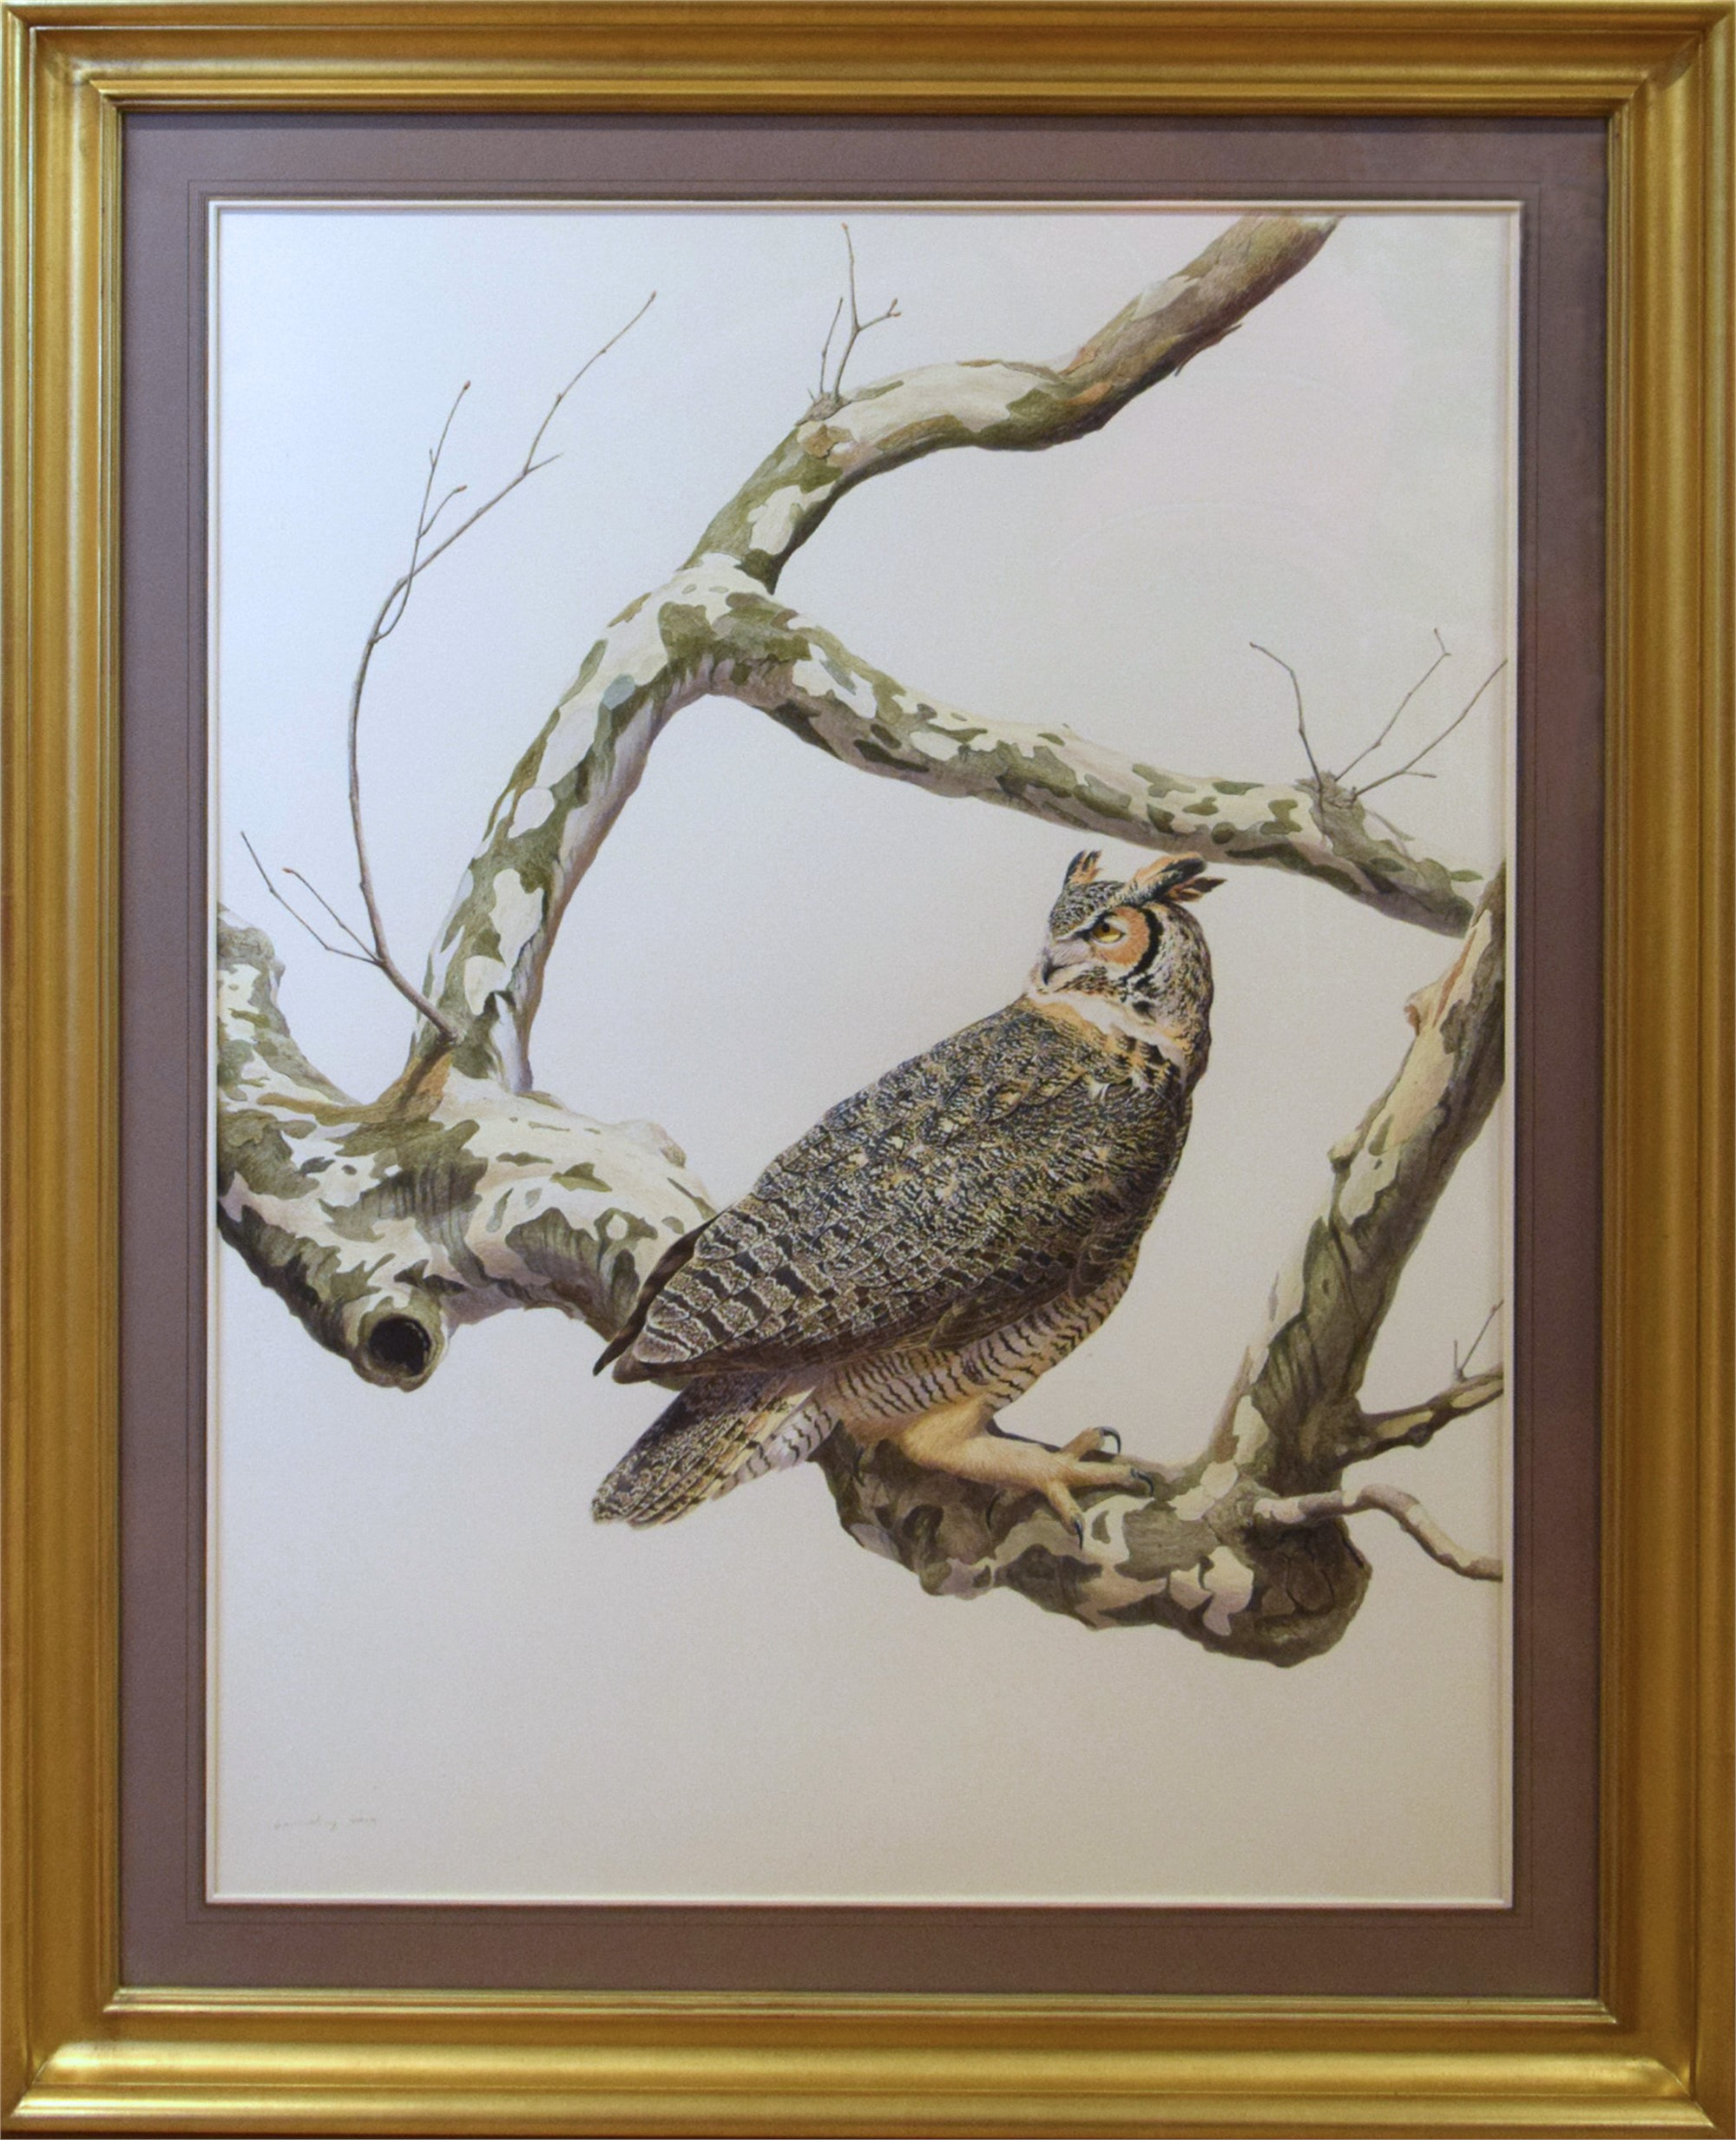 GREAT HORN OWL BY TONY HENNEBERG by Tony Hennenberg